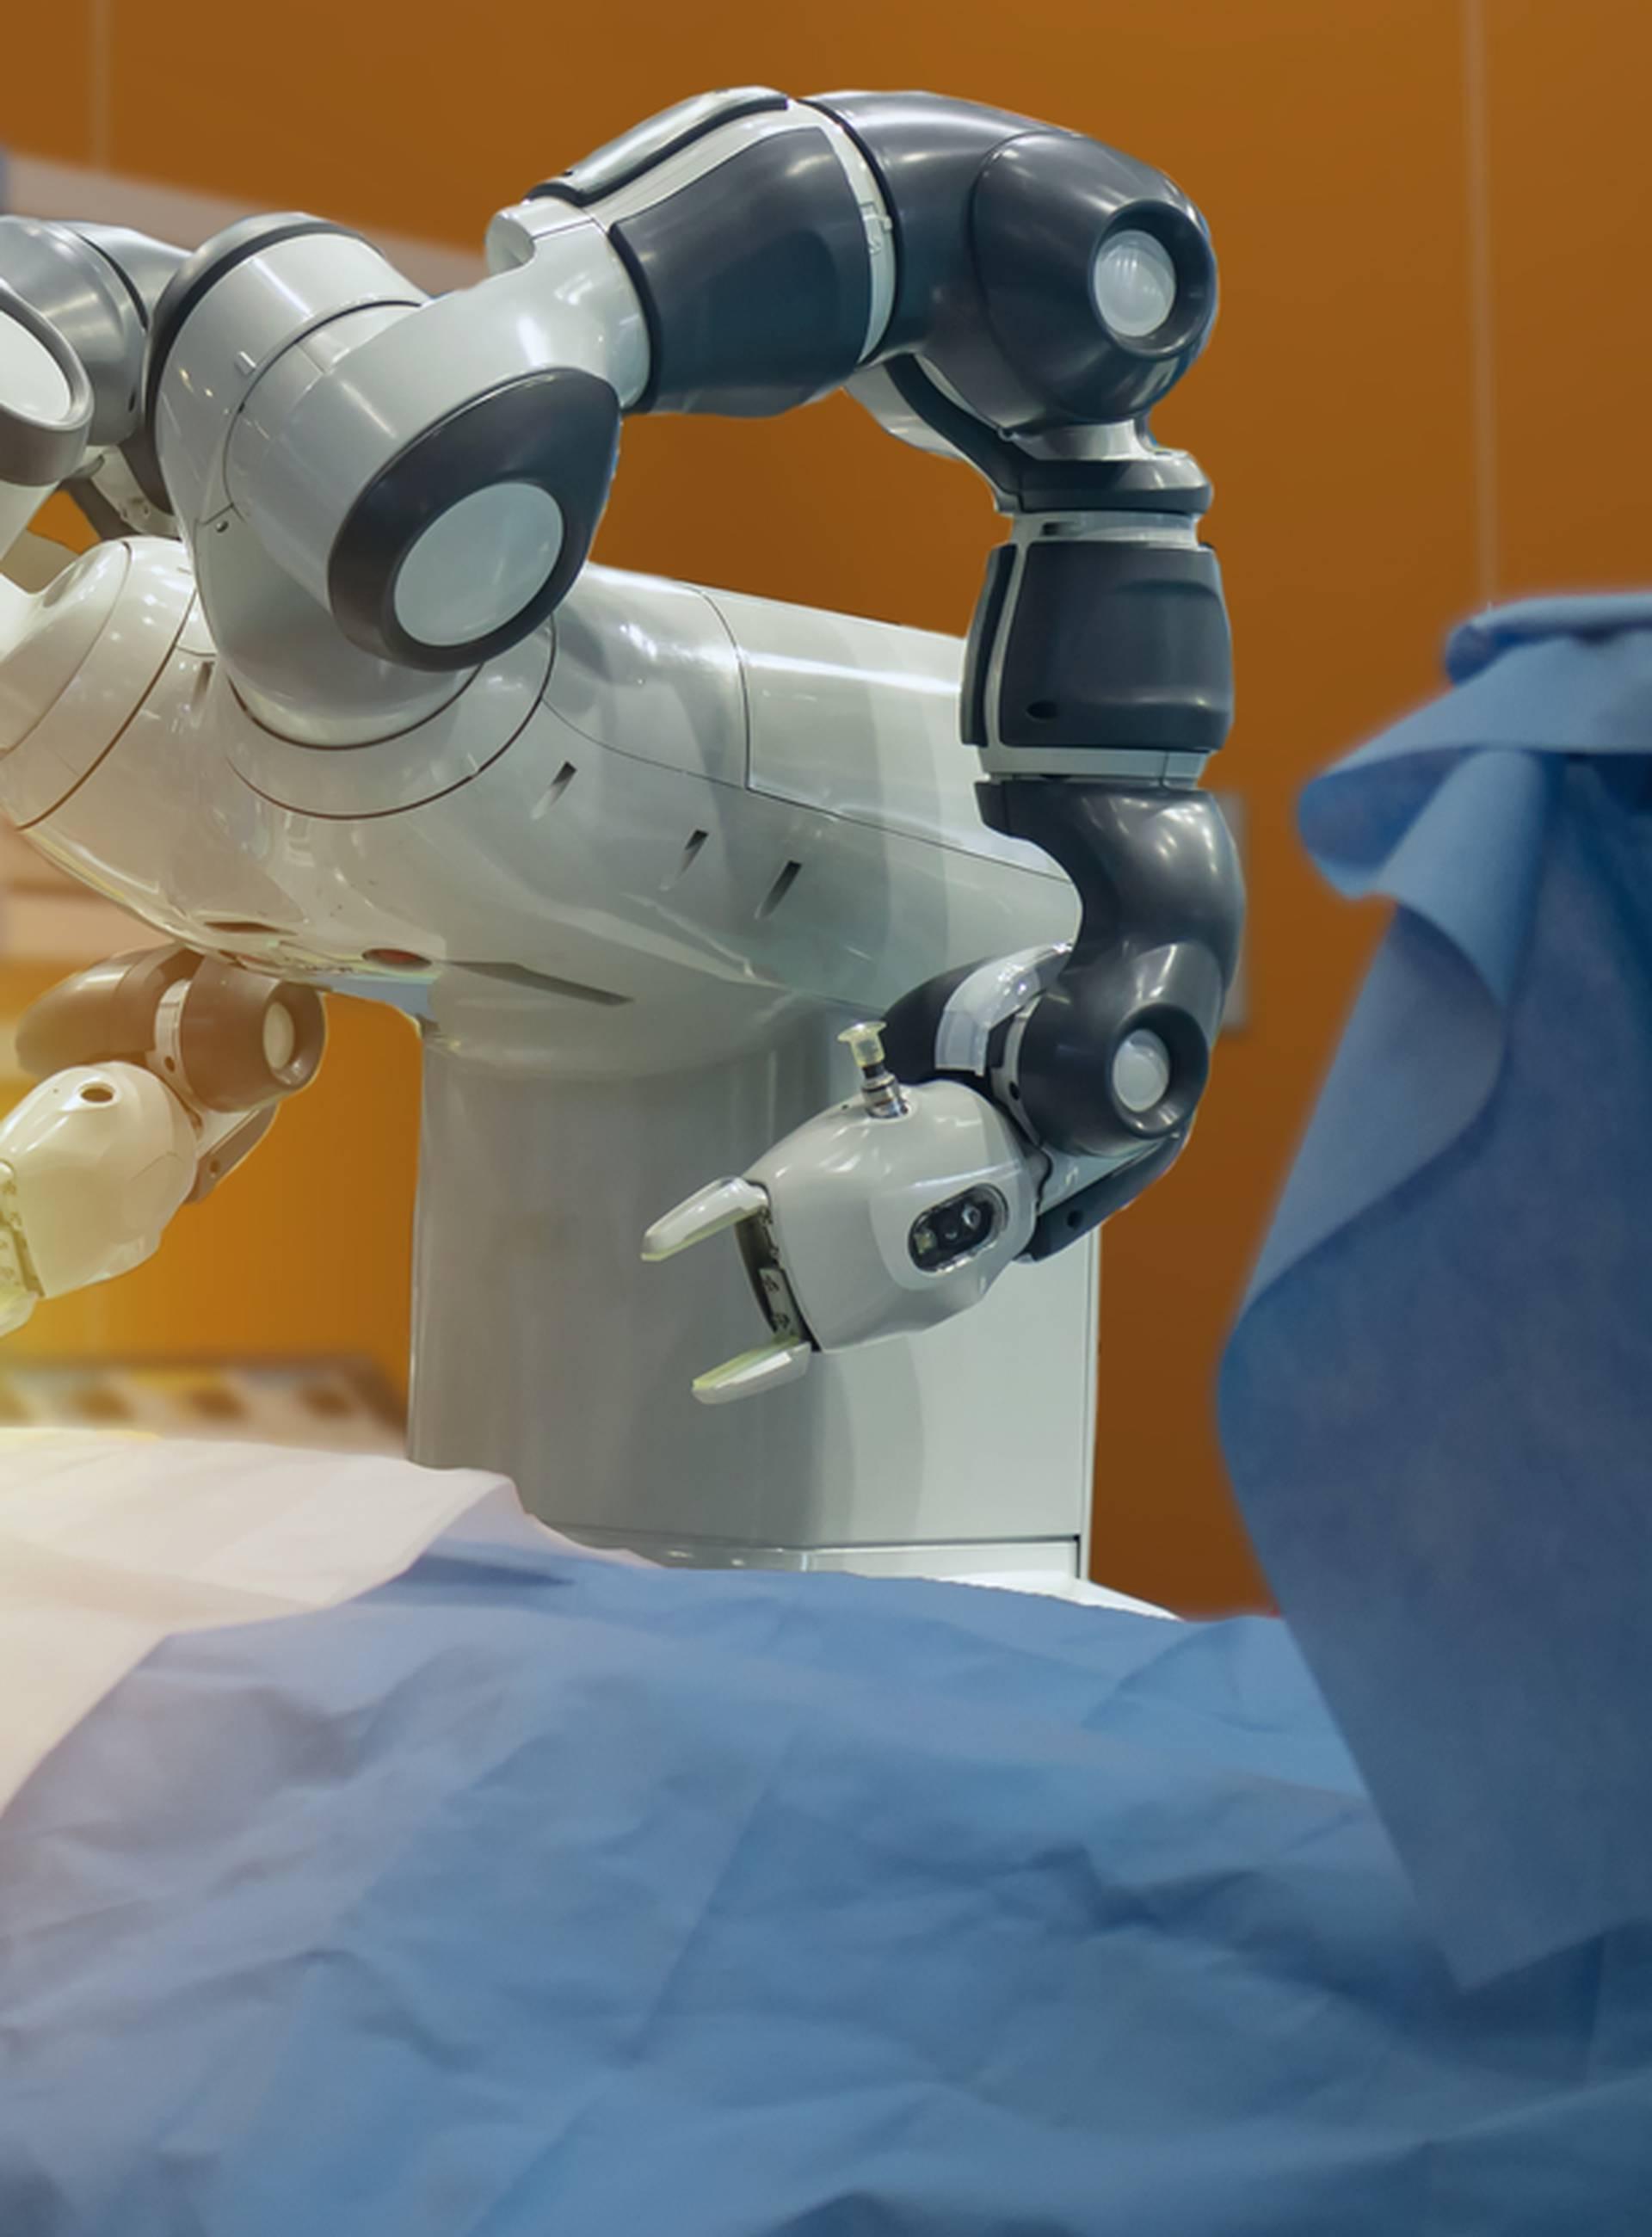 Doktori od čelika? Predstavljamo vam top 5 robota u medicini